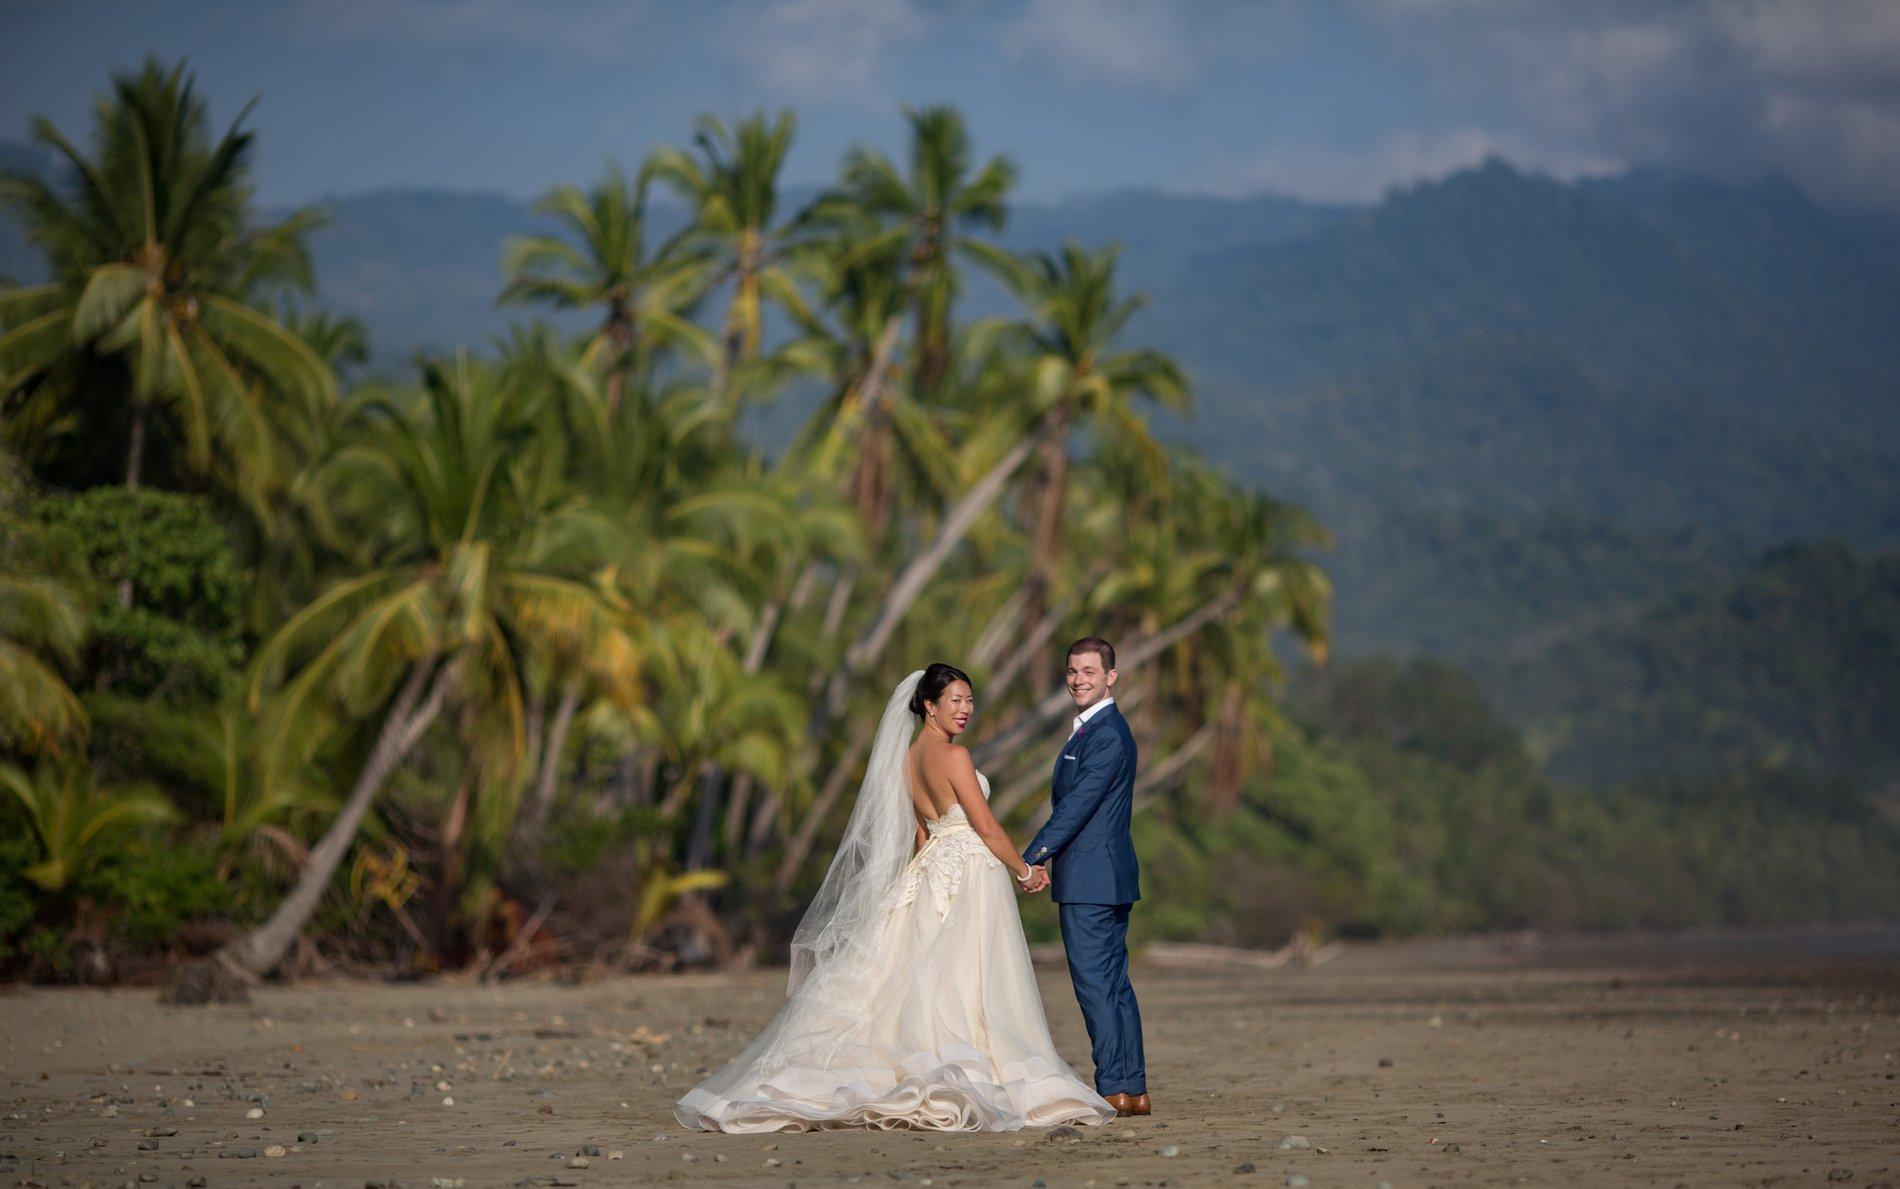 Sneak Peek | Costa Rica, Miami Wedding Photographers | Häring Photography, Indian Wedding Photographer in Florida, Best Muslim, Hindu - South East Asian Wedding Photographers